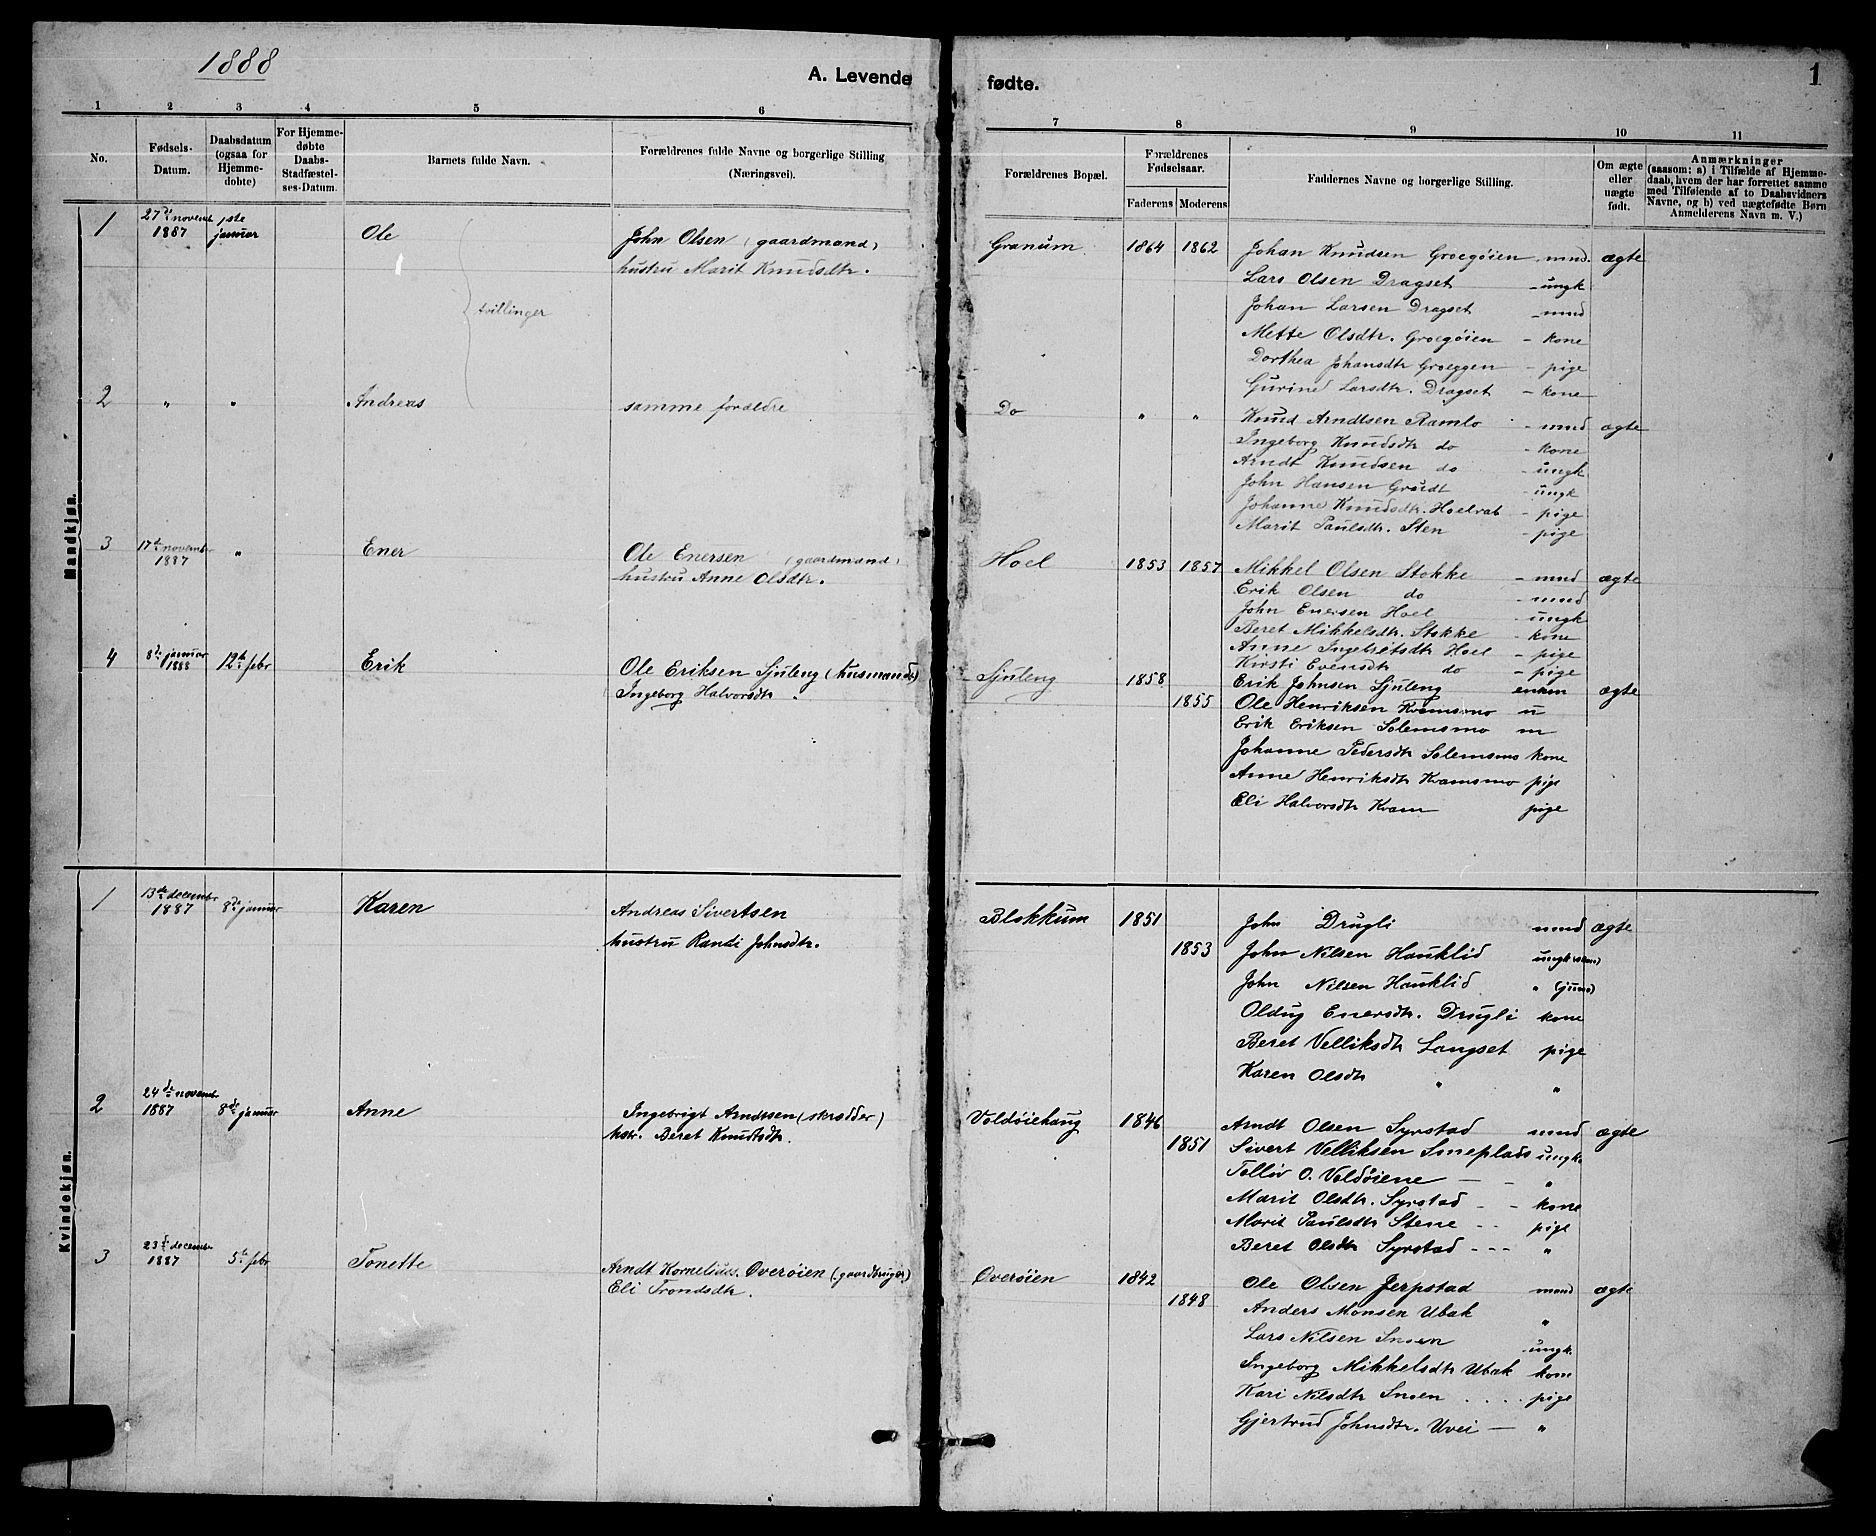 SAT, Ministerialprotokoller, klokkerbøker og fødselsregistre - Sør-Trøndelag, 672/L0863: Klokkerbok nr. 672C02, 1888-1901, s. 1